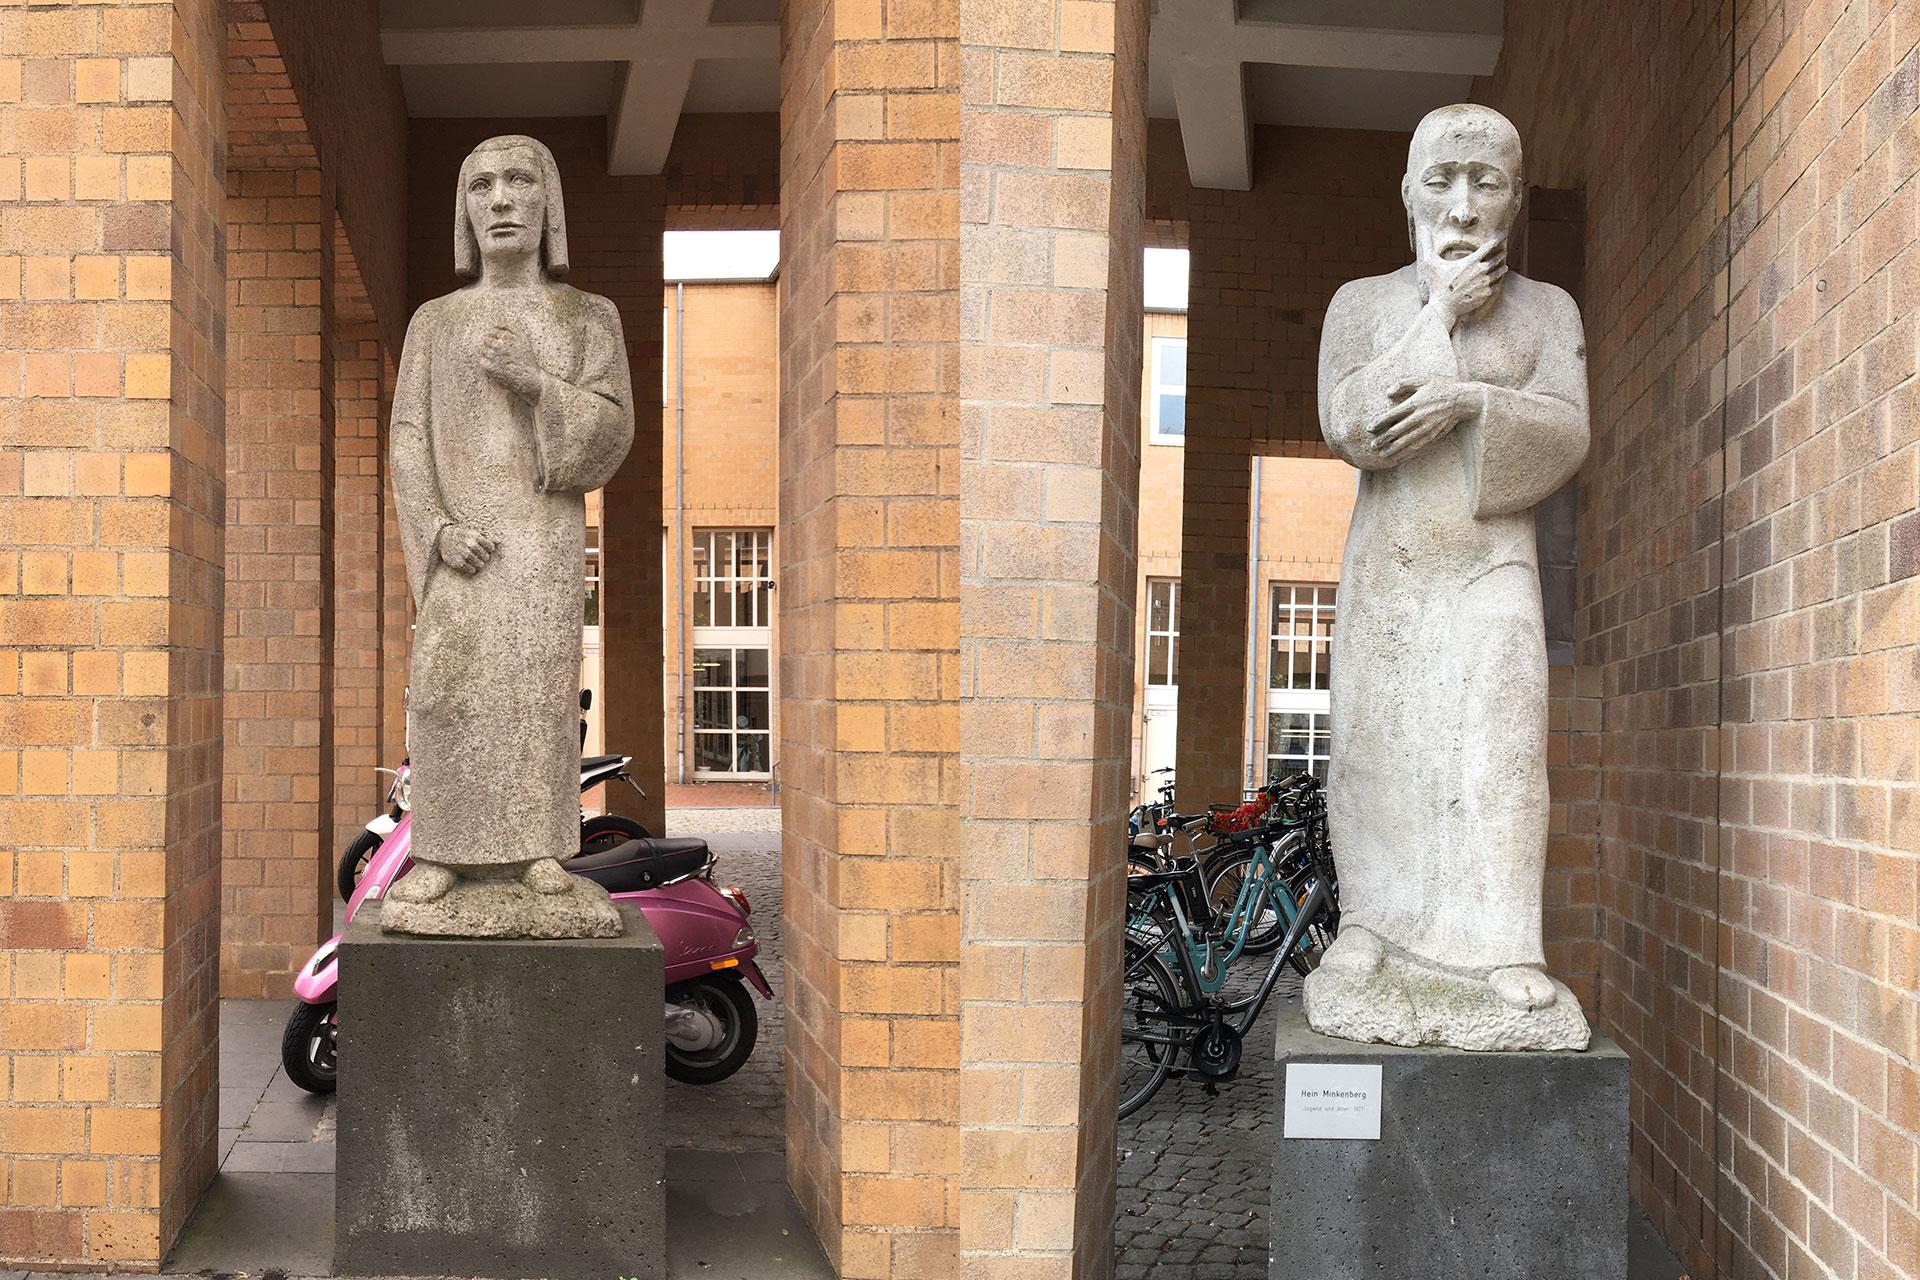 """Die Skulpturen des Bildhauers Hein Minkenberg aus Sandstein symbolisieren die Lebensalter """"Jugend und Alter"""""""